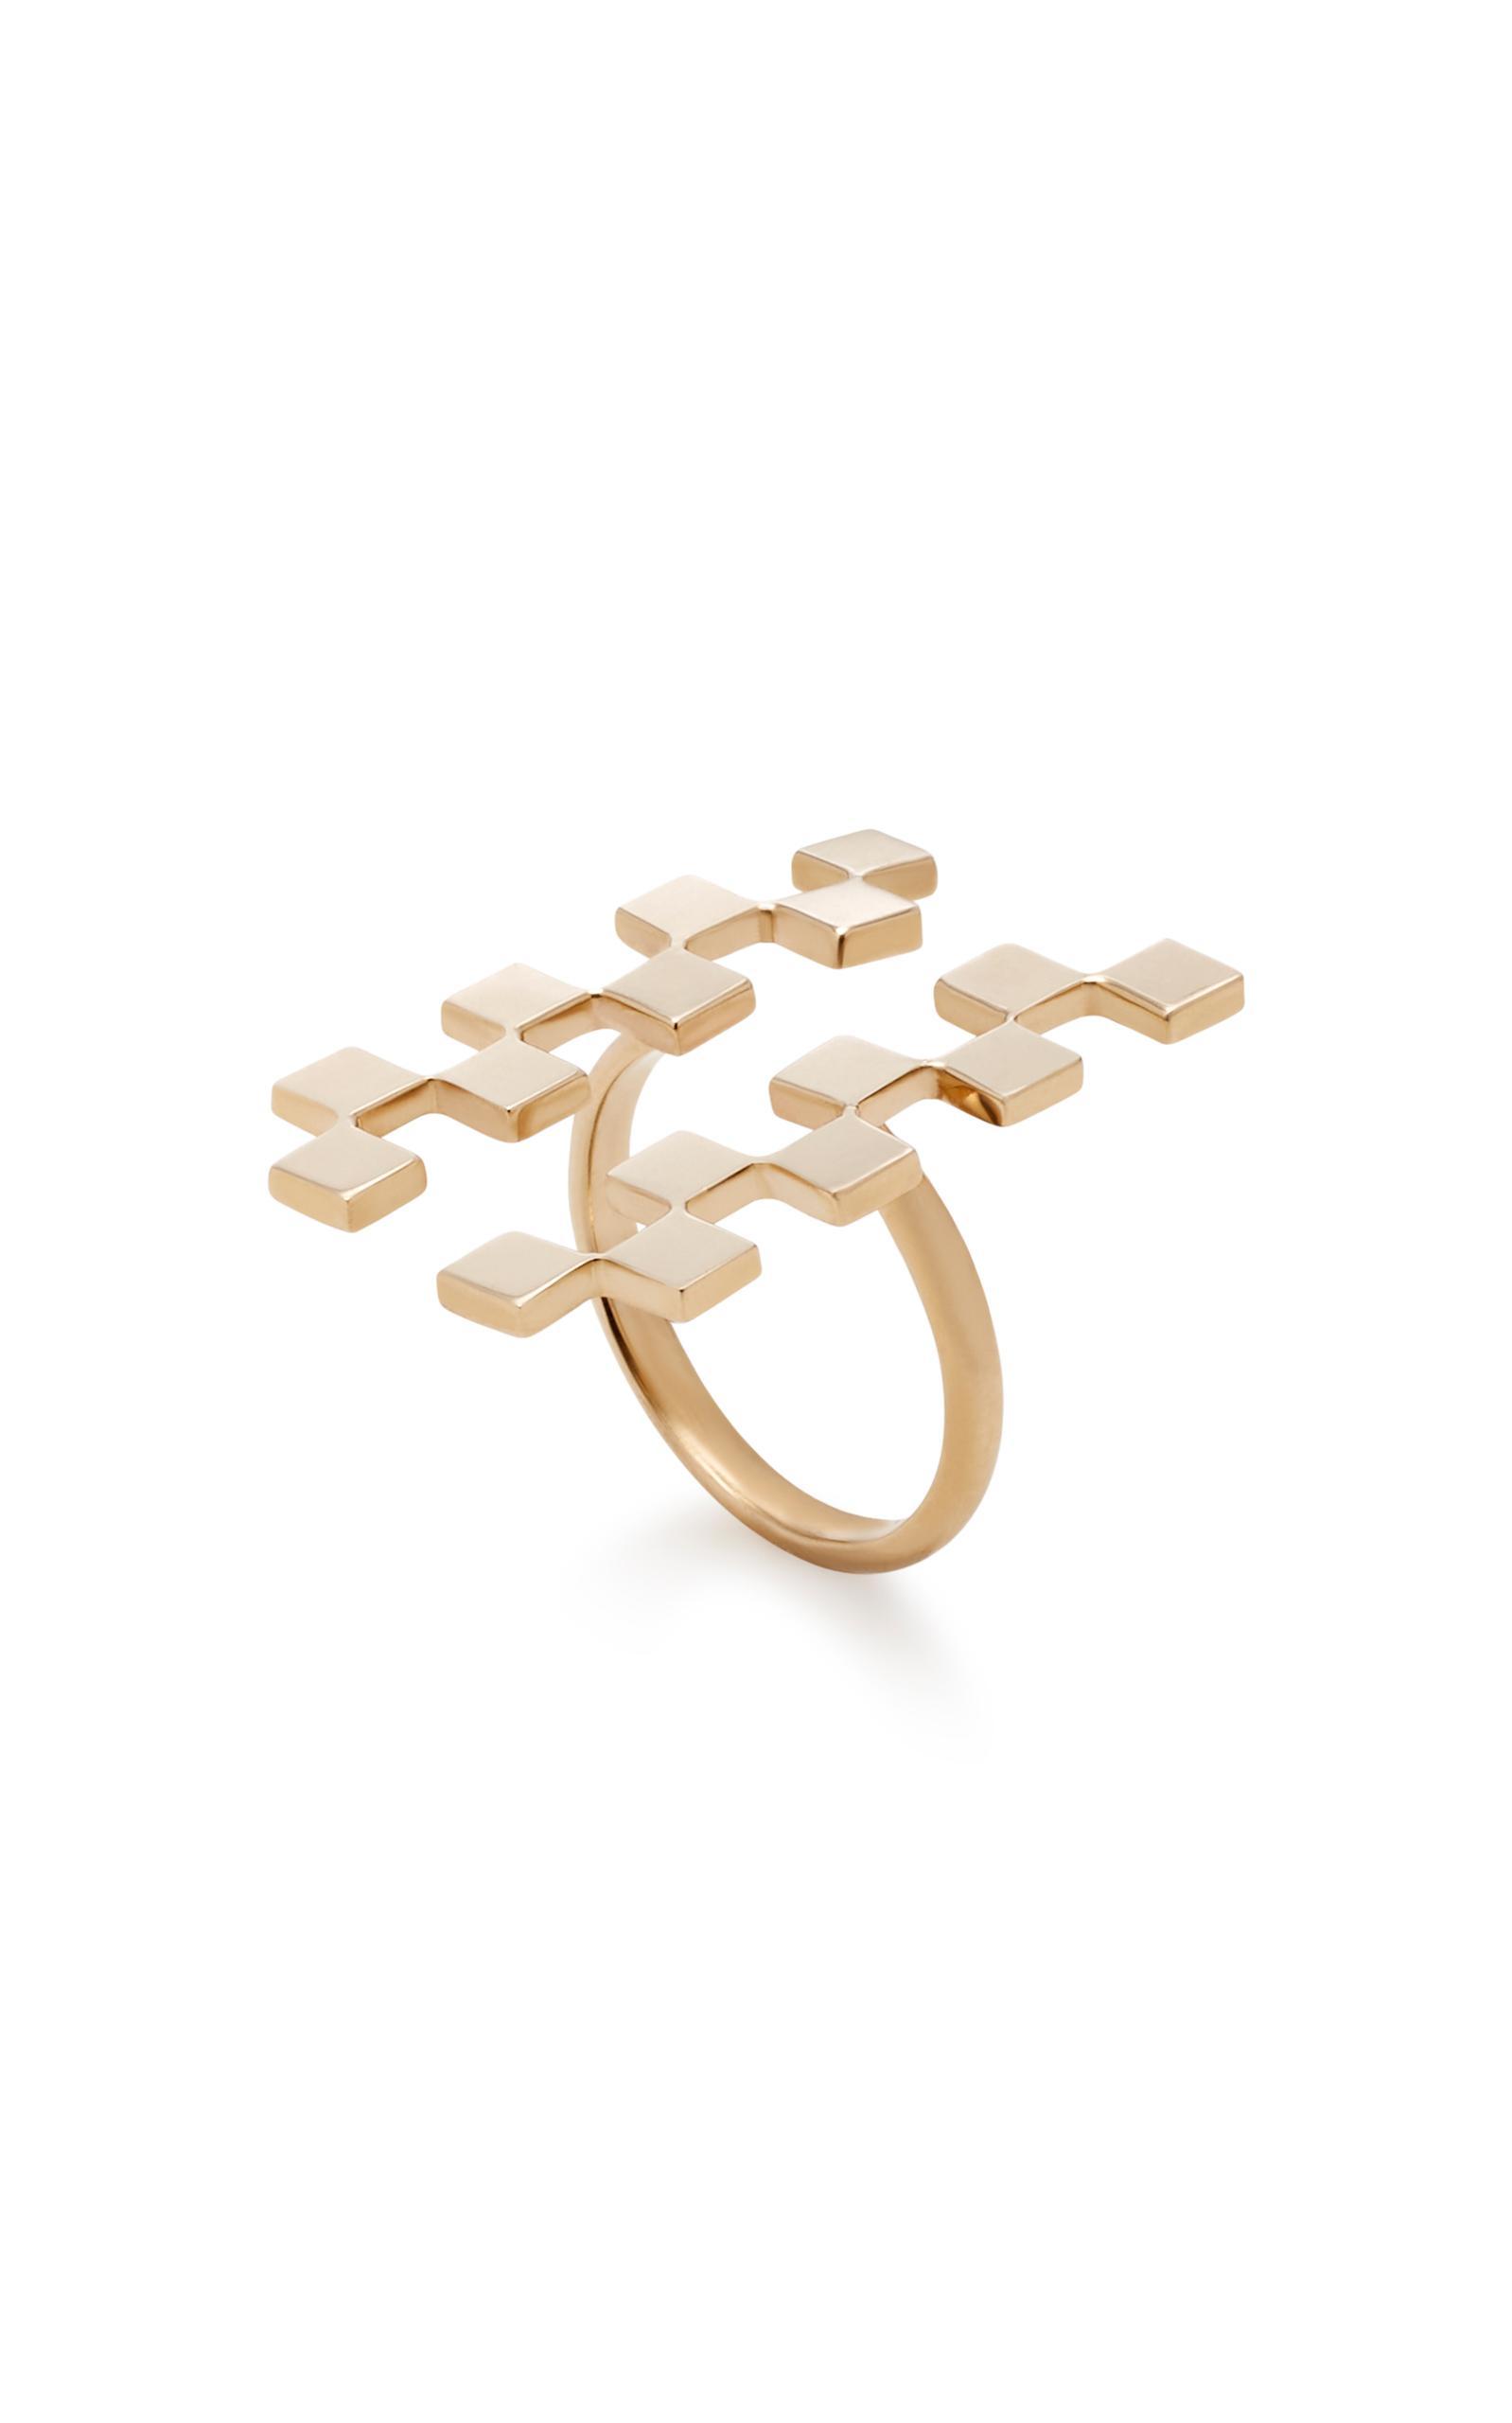 Established Long Checker 18k Gold Ring in Metallic